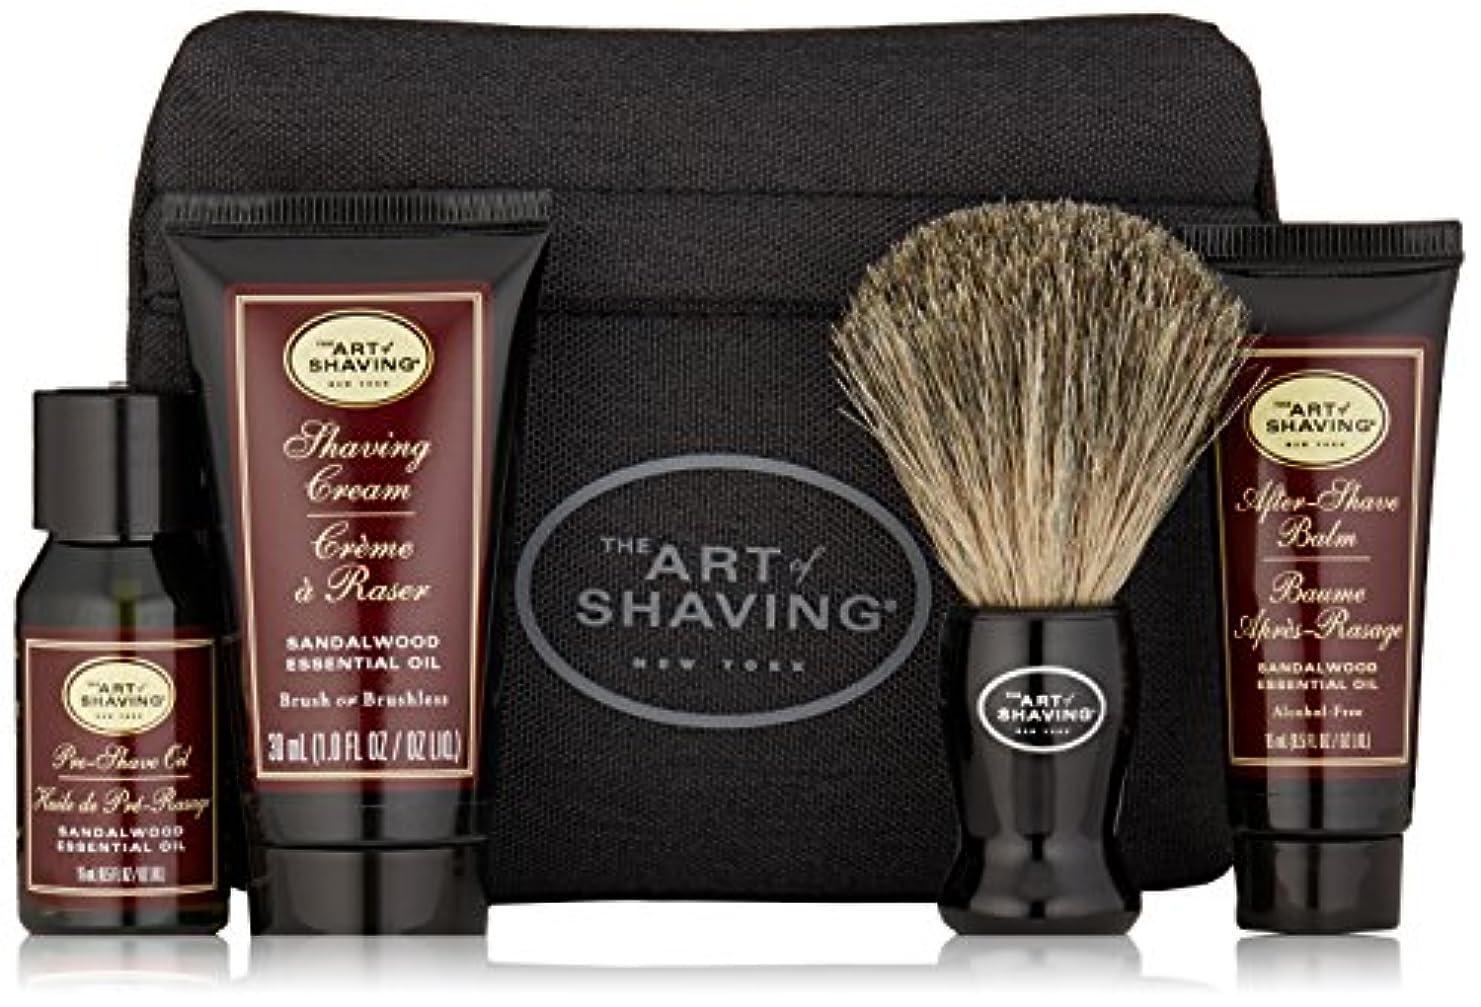 ブリッジ美容師プロフィールアートオブシェービング Starter Kit - Sandalwood: Pre Shave Oil + Shaving Cream + After Shave Balm + Brush + Bag 4pcs + 1Bag...